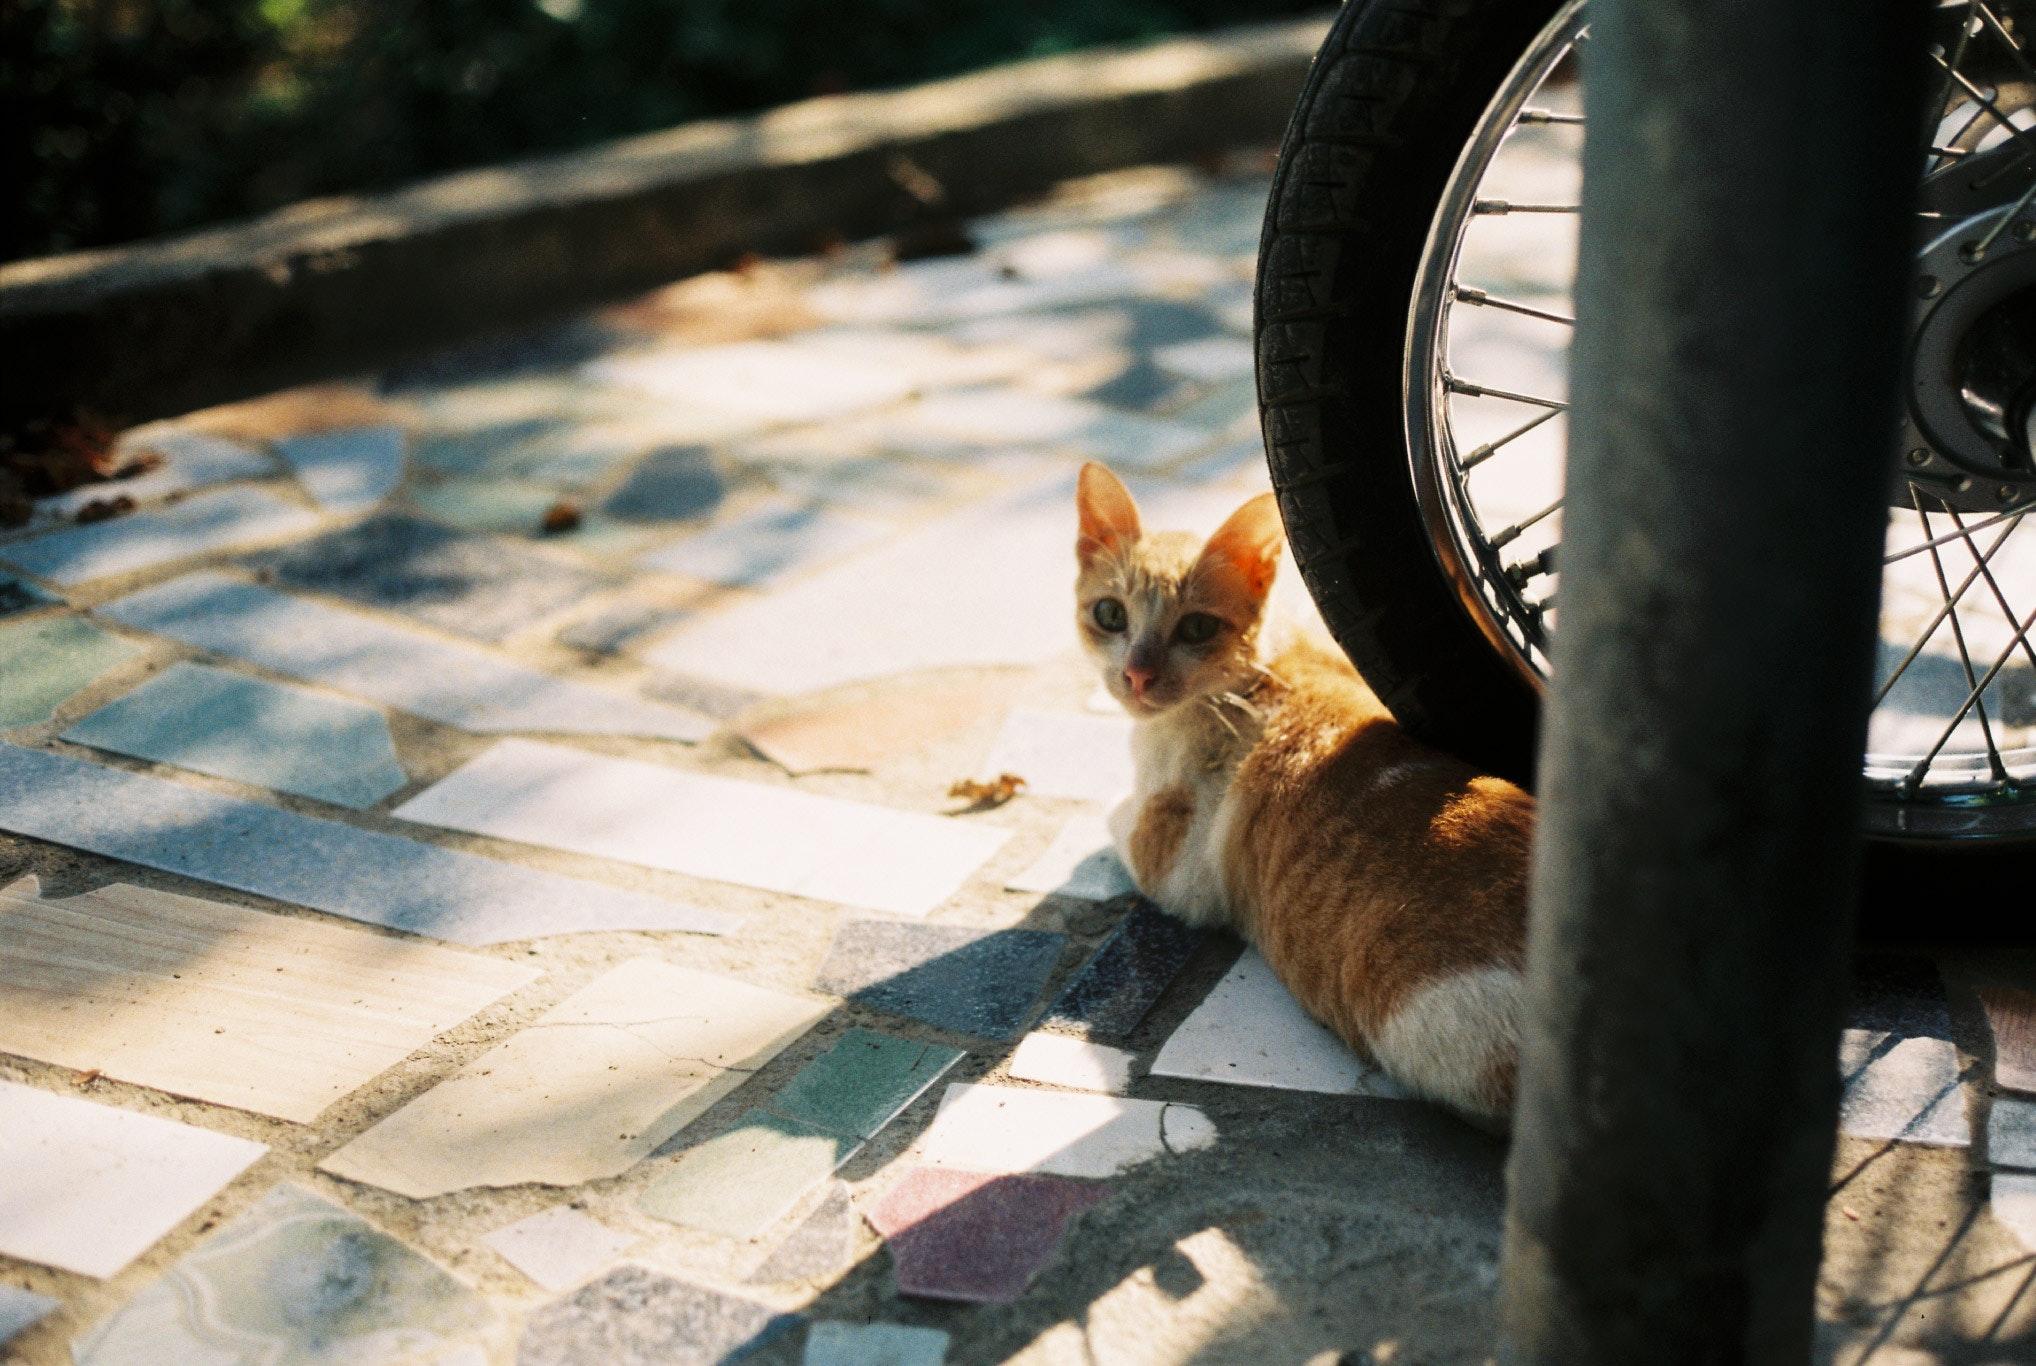 Orange tabby kitten on motorcycle wheel photo